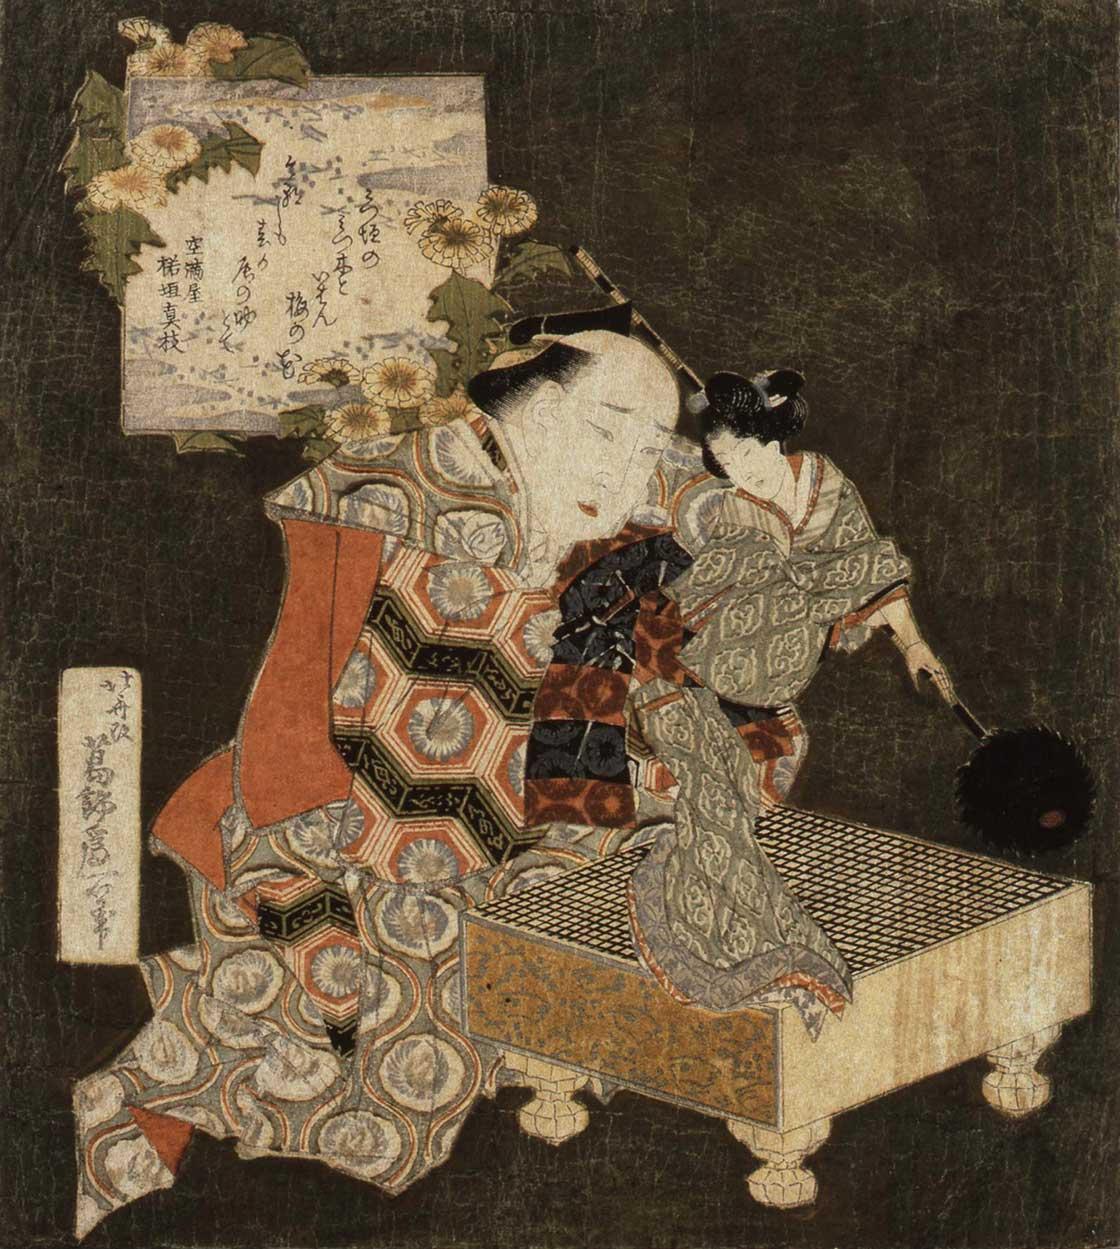 葛飾北斎「碁盤人形」(後期)